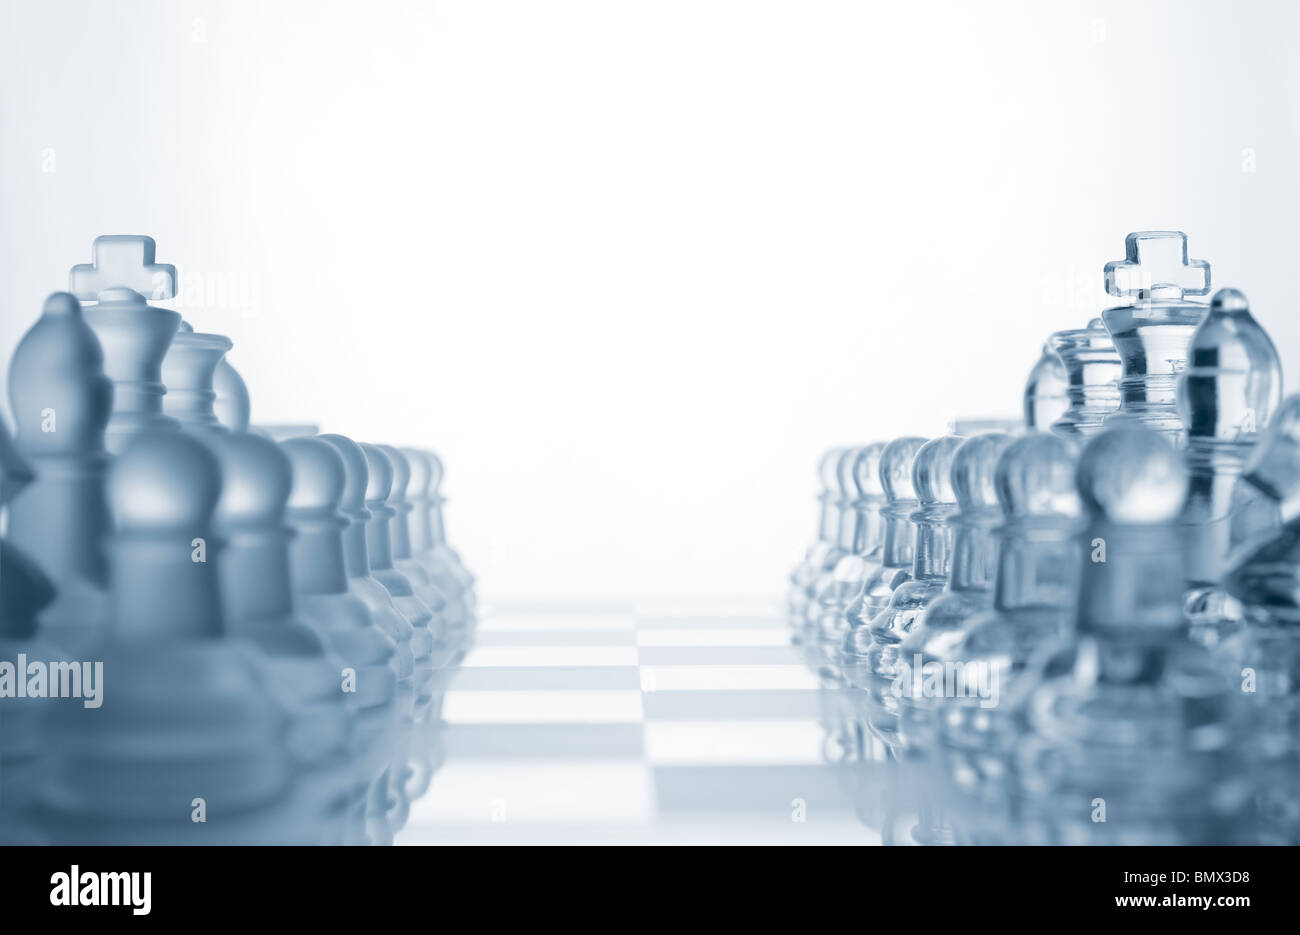 In vetro trasparente di pezzi di scacchi Immagini Stock